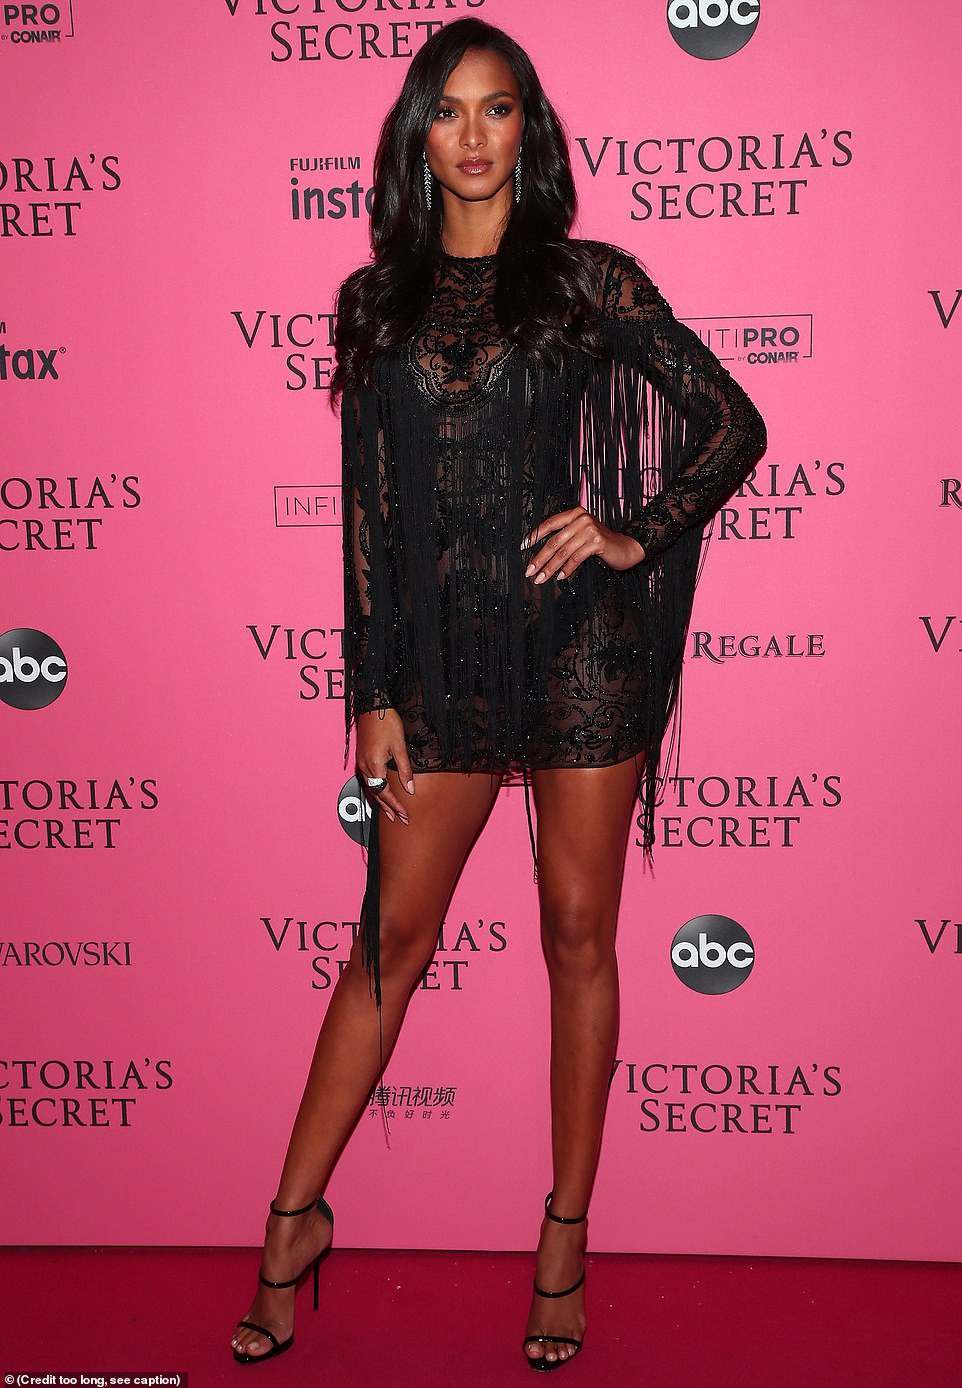 Thảm đỏ hậu show Victorias Secret: Dù không đẹp nhất, Bella Hadid vẫn nổi nhất dàn sao vì... lộ hết vòng 1 - Ảnh 12.